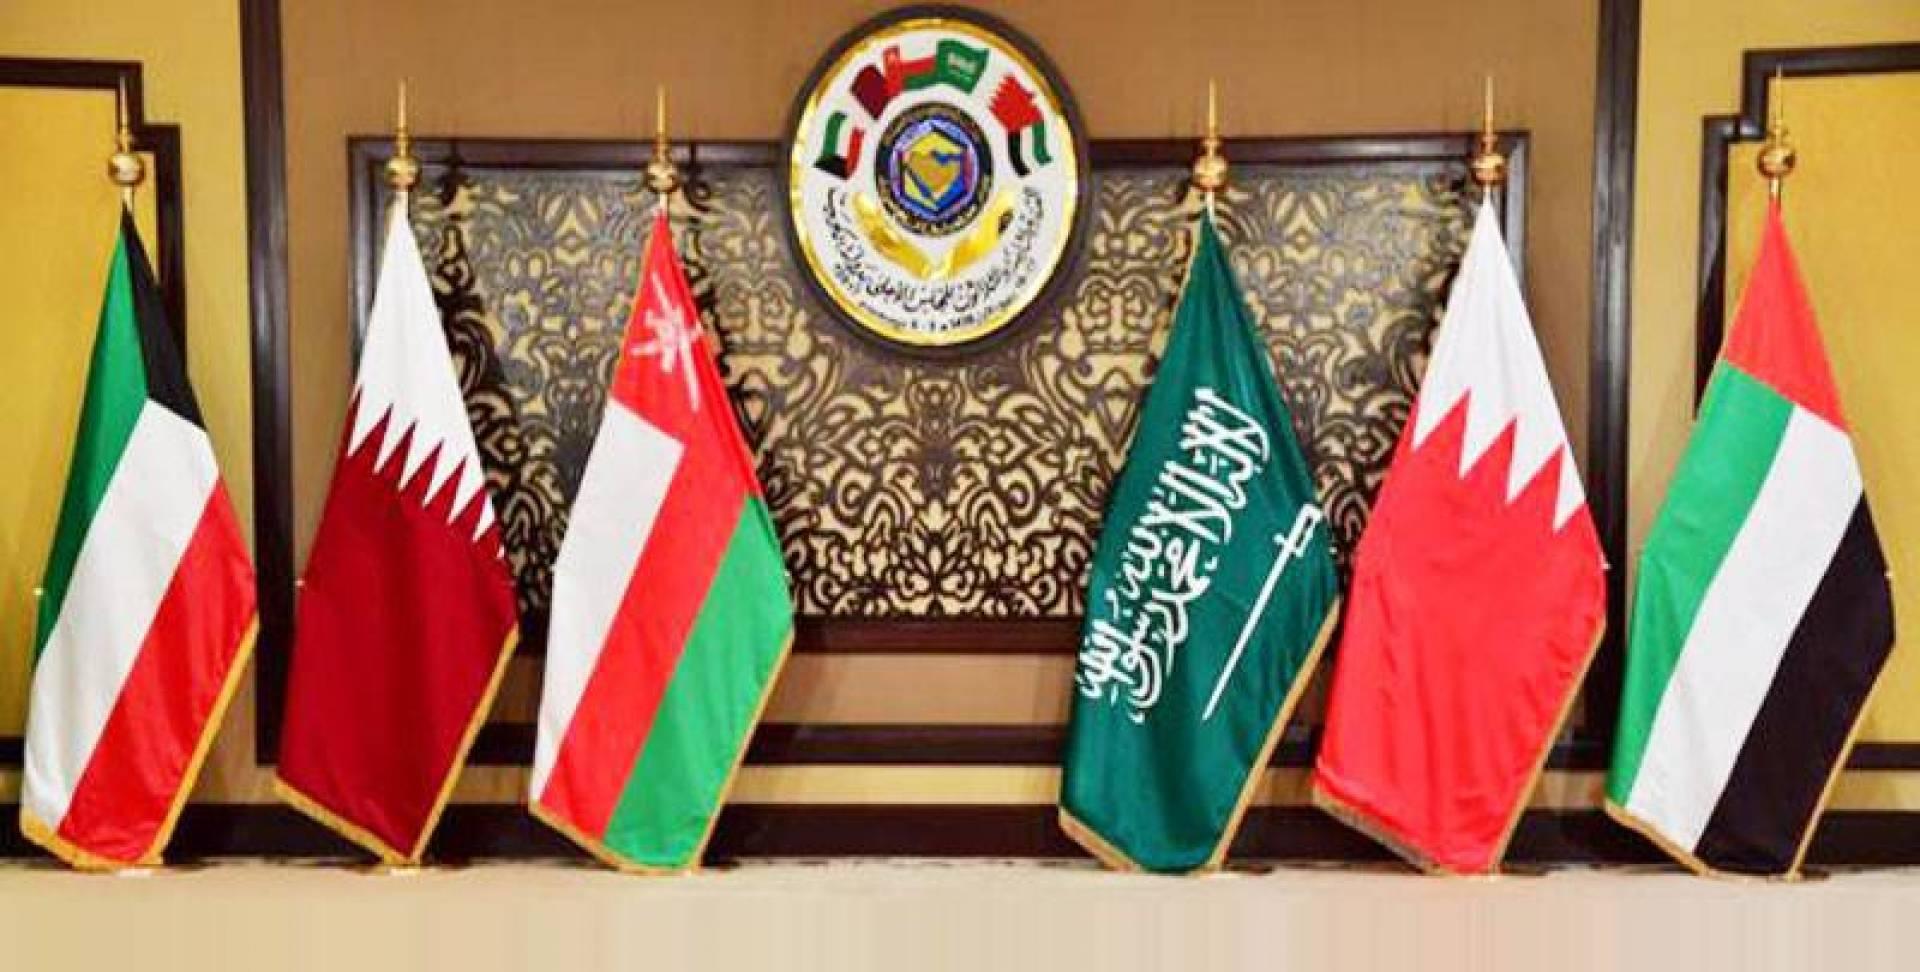 الكويت تعمل لتبريد الأزمة الخليجية ووقف الحملات الصارخة